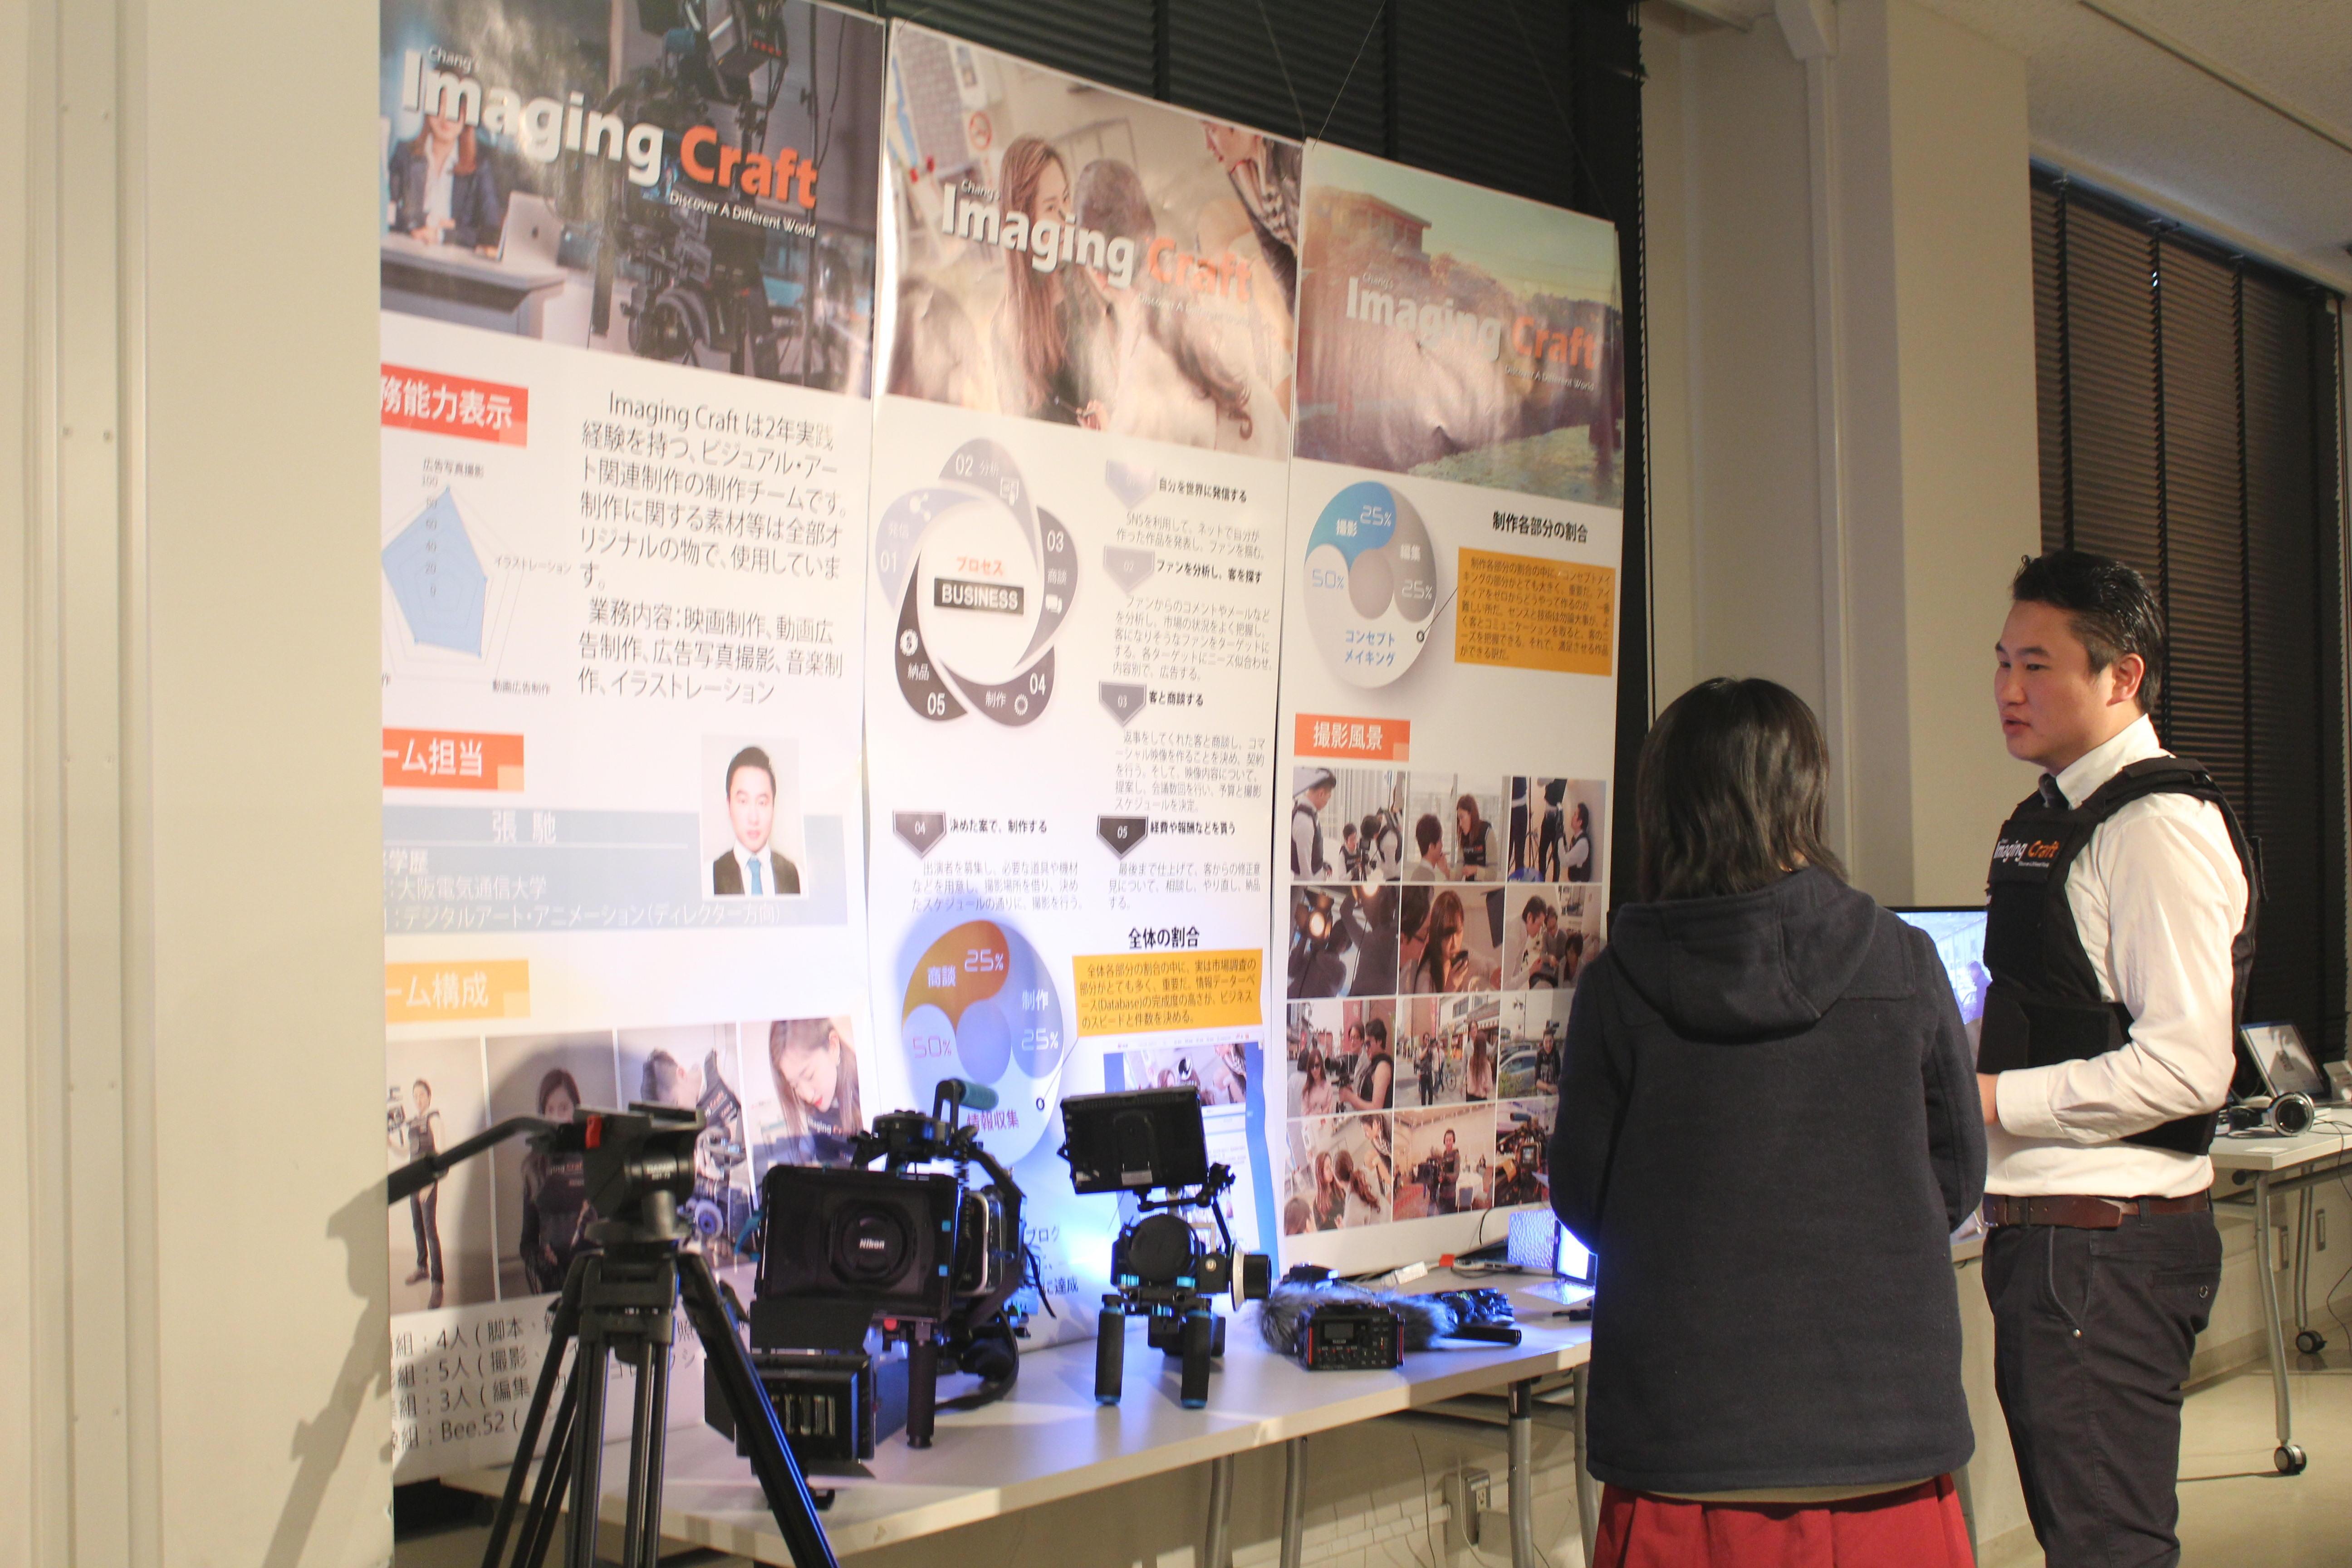 大阪電気通信大学が2月3・4日に2017年度卒業研究・卒業制作展「なわてん」を開催 -- AR・VR作品やゲームアプリ、プログラミングなど、幅広い作品を展示